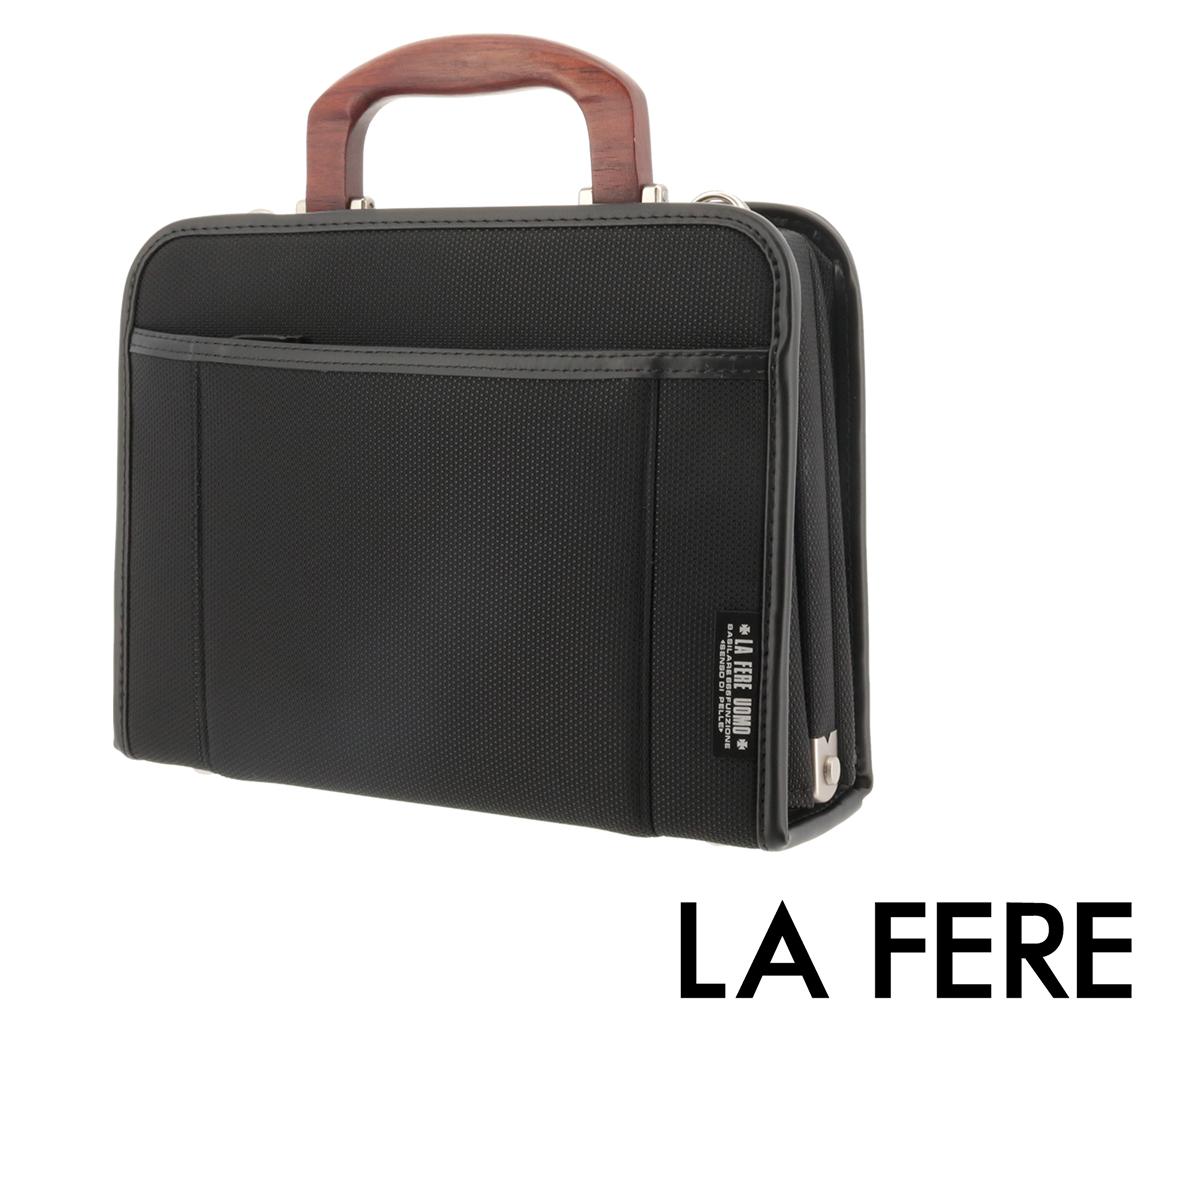 青木鞄 ラフェール セカンドバッグ オプス 6726   LA FERE ビジネスバッグ メンズ 日本製 ナイロン[PO10][bef]